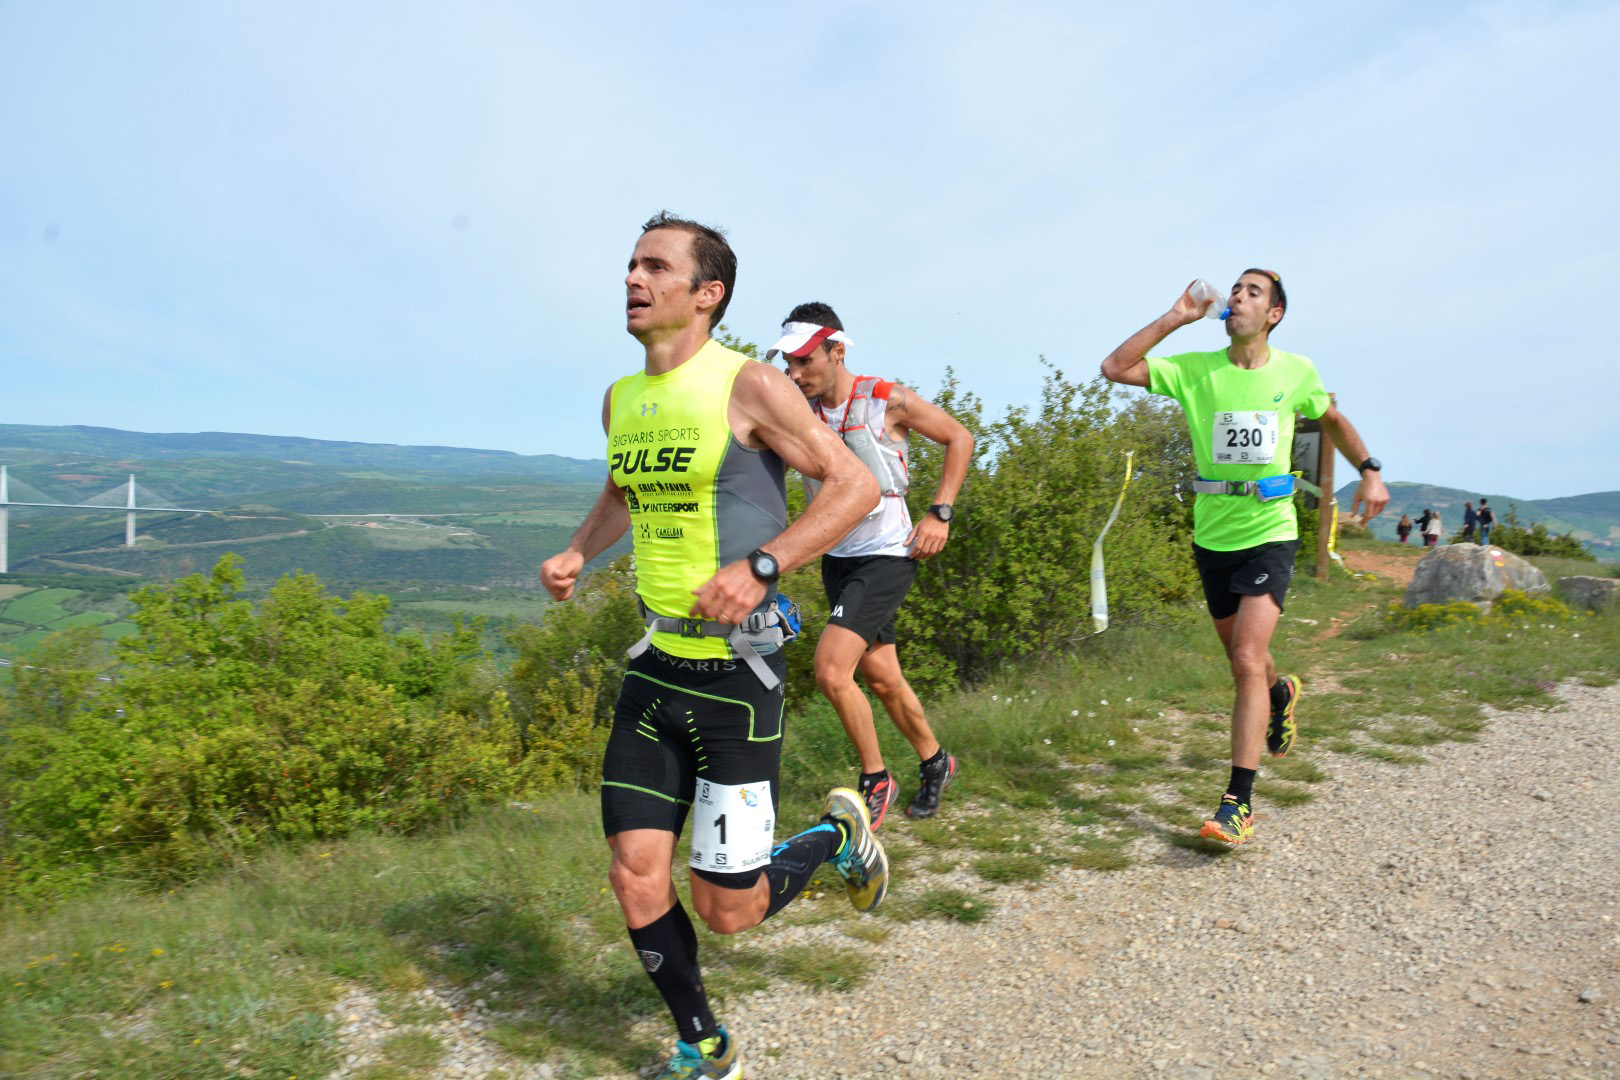 2 42 km Verticausse de g à d Patrick Bringer Julien Navarro Lambert Santelli lphoto Akunamatata - SKYRUNNER FRANCE SERIES : Le classement provisoire après la VERTICAUSSE du 10 mai.